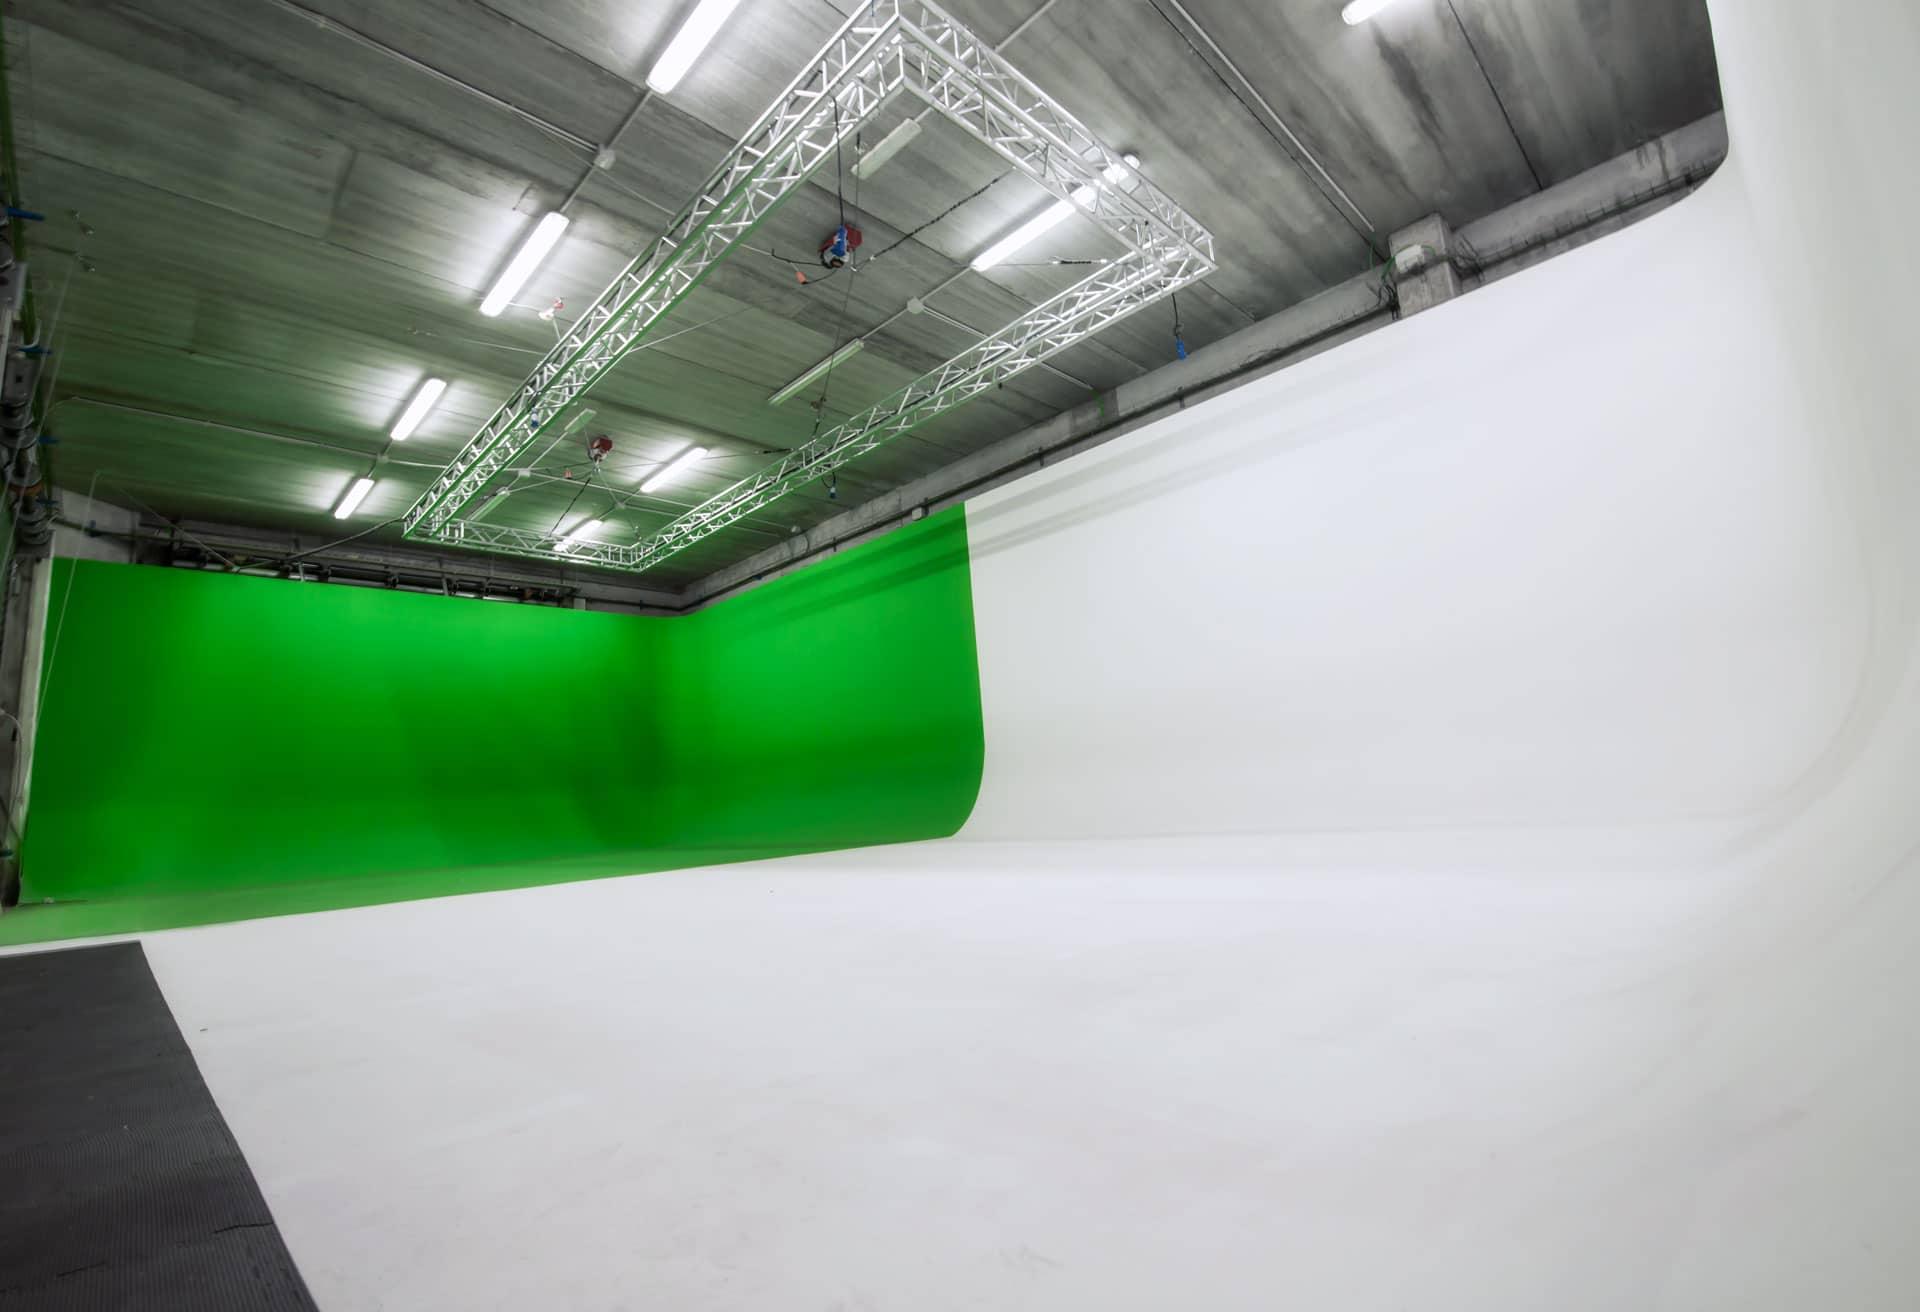 Teatro di posa, Limbo fotografico, Green screen , RAW Studio